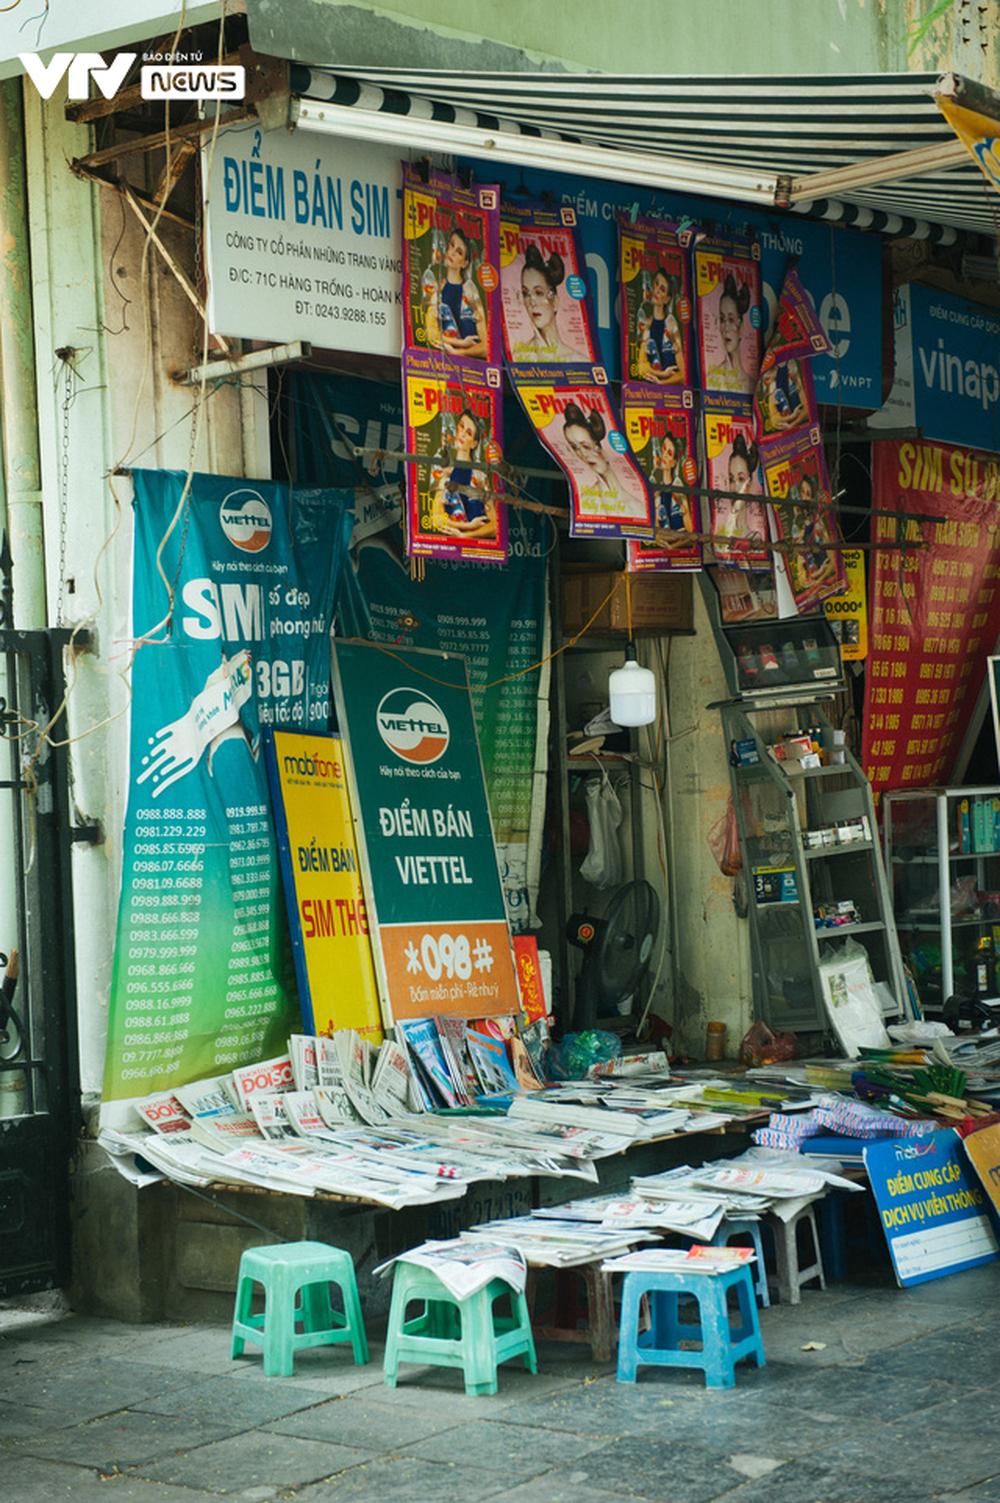 Nhộn nhịp chợ báo giấy mỗi sáng ở Thủ đô - Ảnh 14.